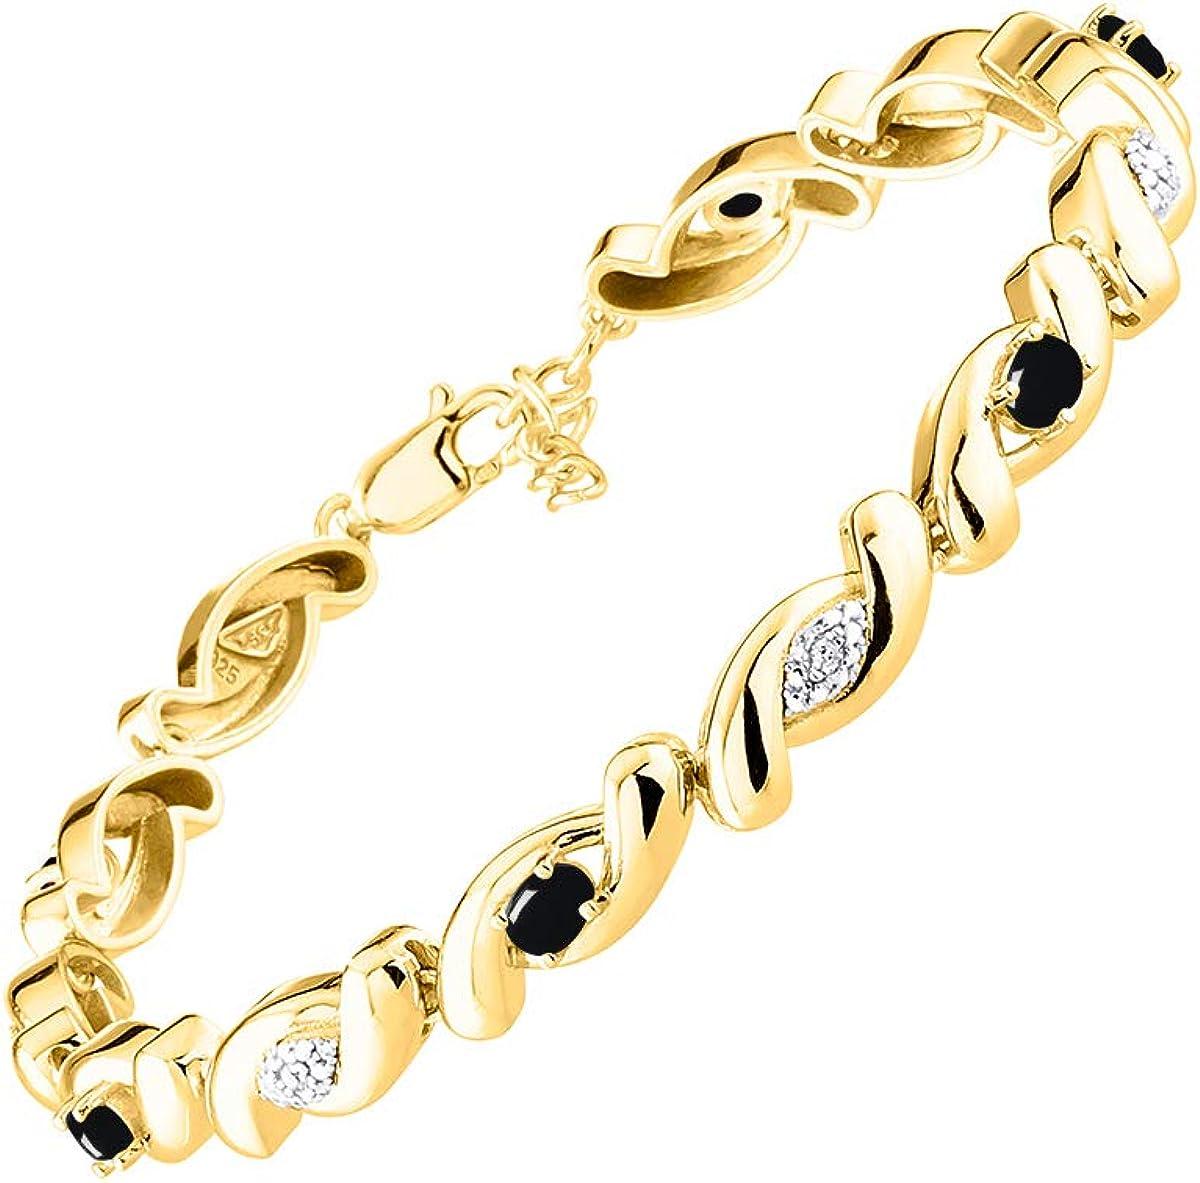 RYLOS Bracelets for 日本限定 Women 925 Tennis infinity Silver Twist 新作アイテム毎日更新 Brace